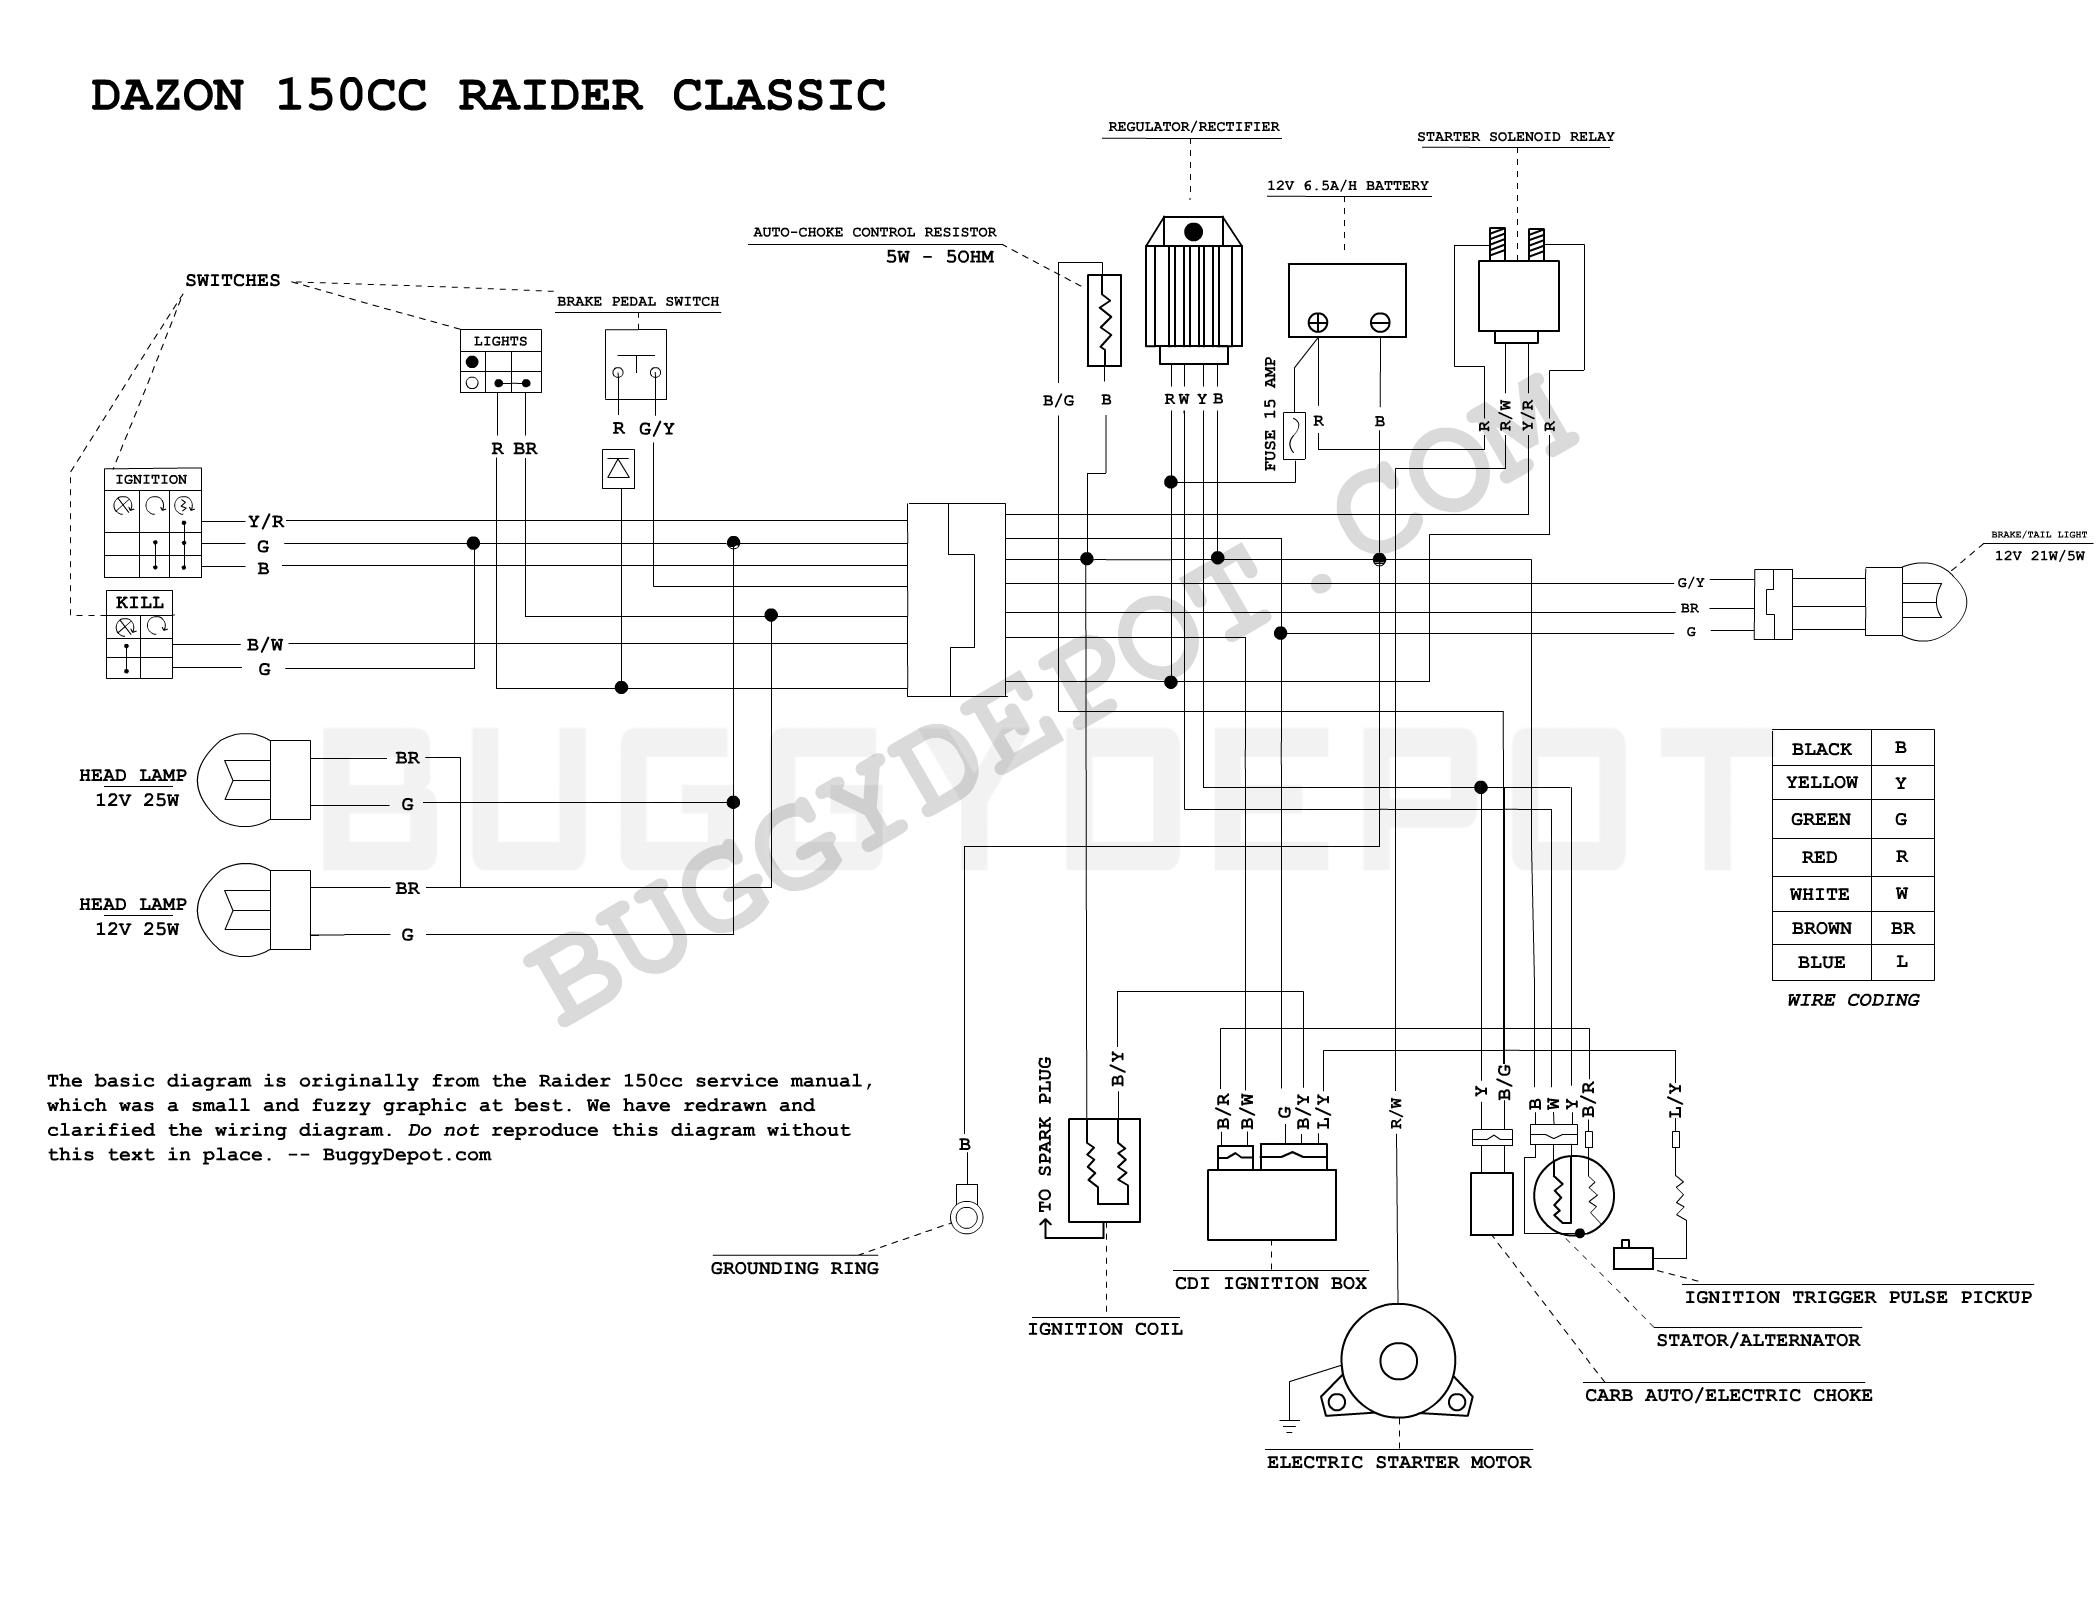 Dazon Raider Classic